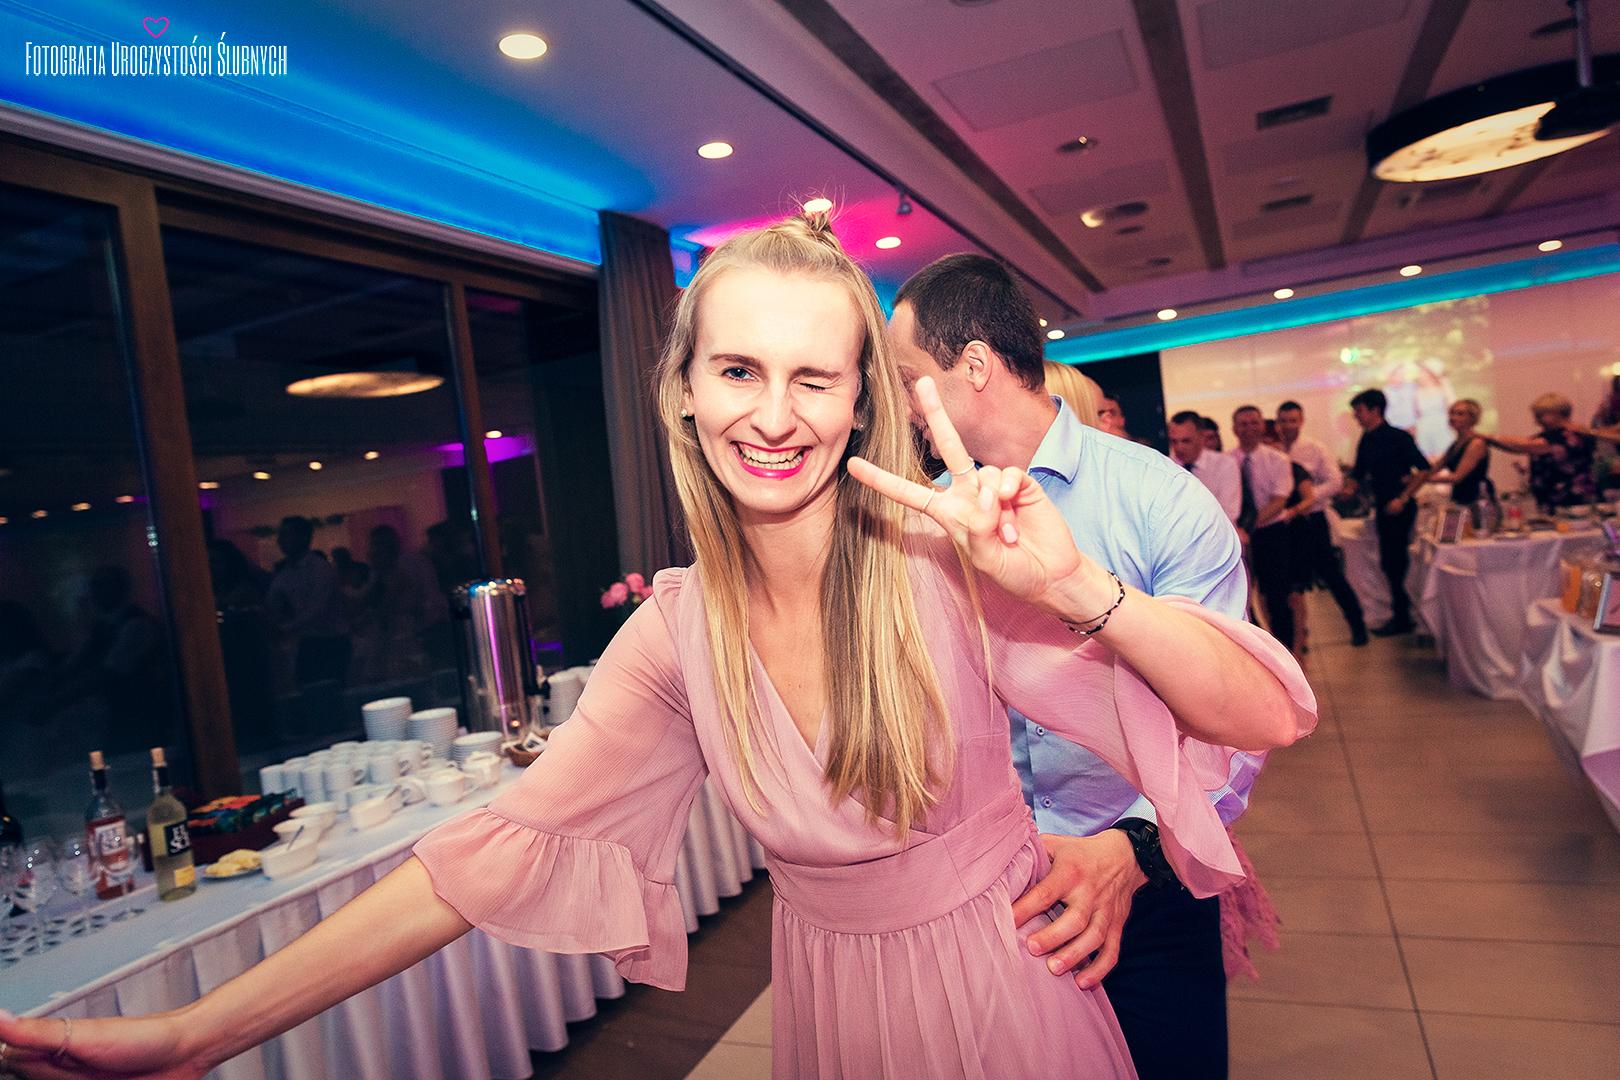 Artystyczne zdjęcia ślubne, profesjonalne reportaże na Twój ślub, Klaudia Cieplińska - fotograf Jelenia Góra. Plenery ślubne w Karkonoszach.